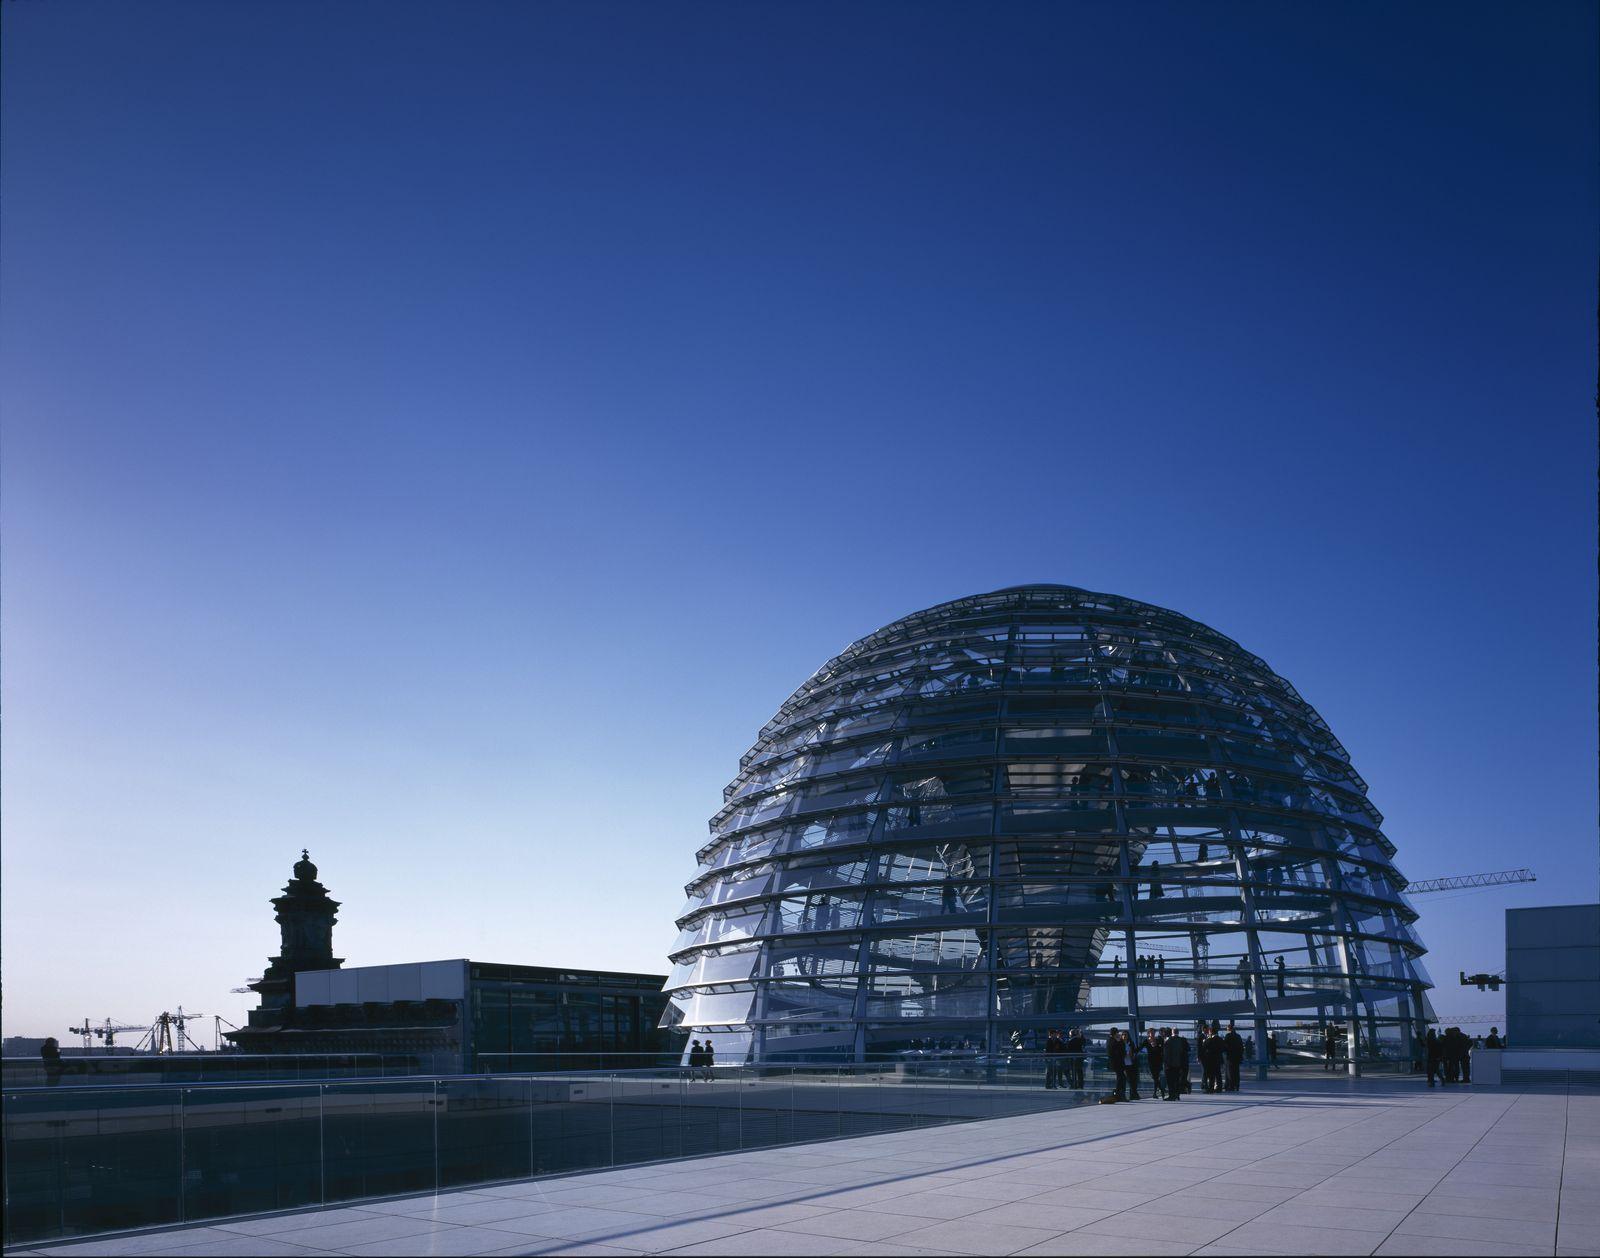 NICHT MEHR VERWENDEN! - Reichstag